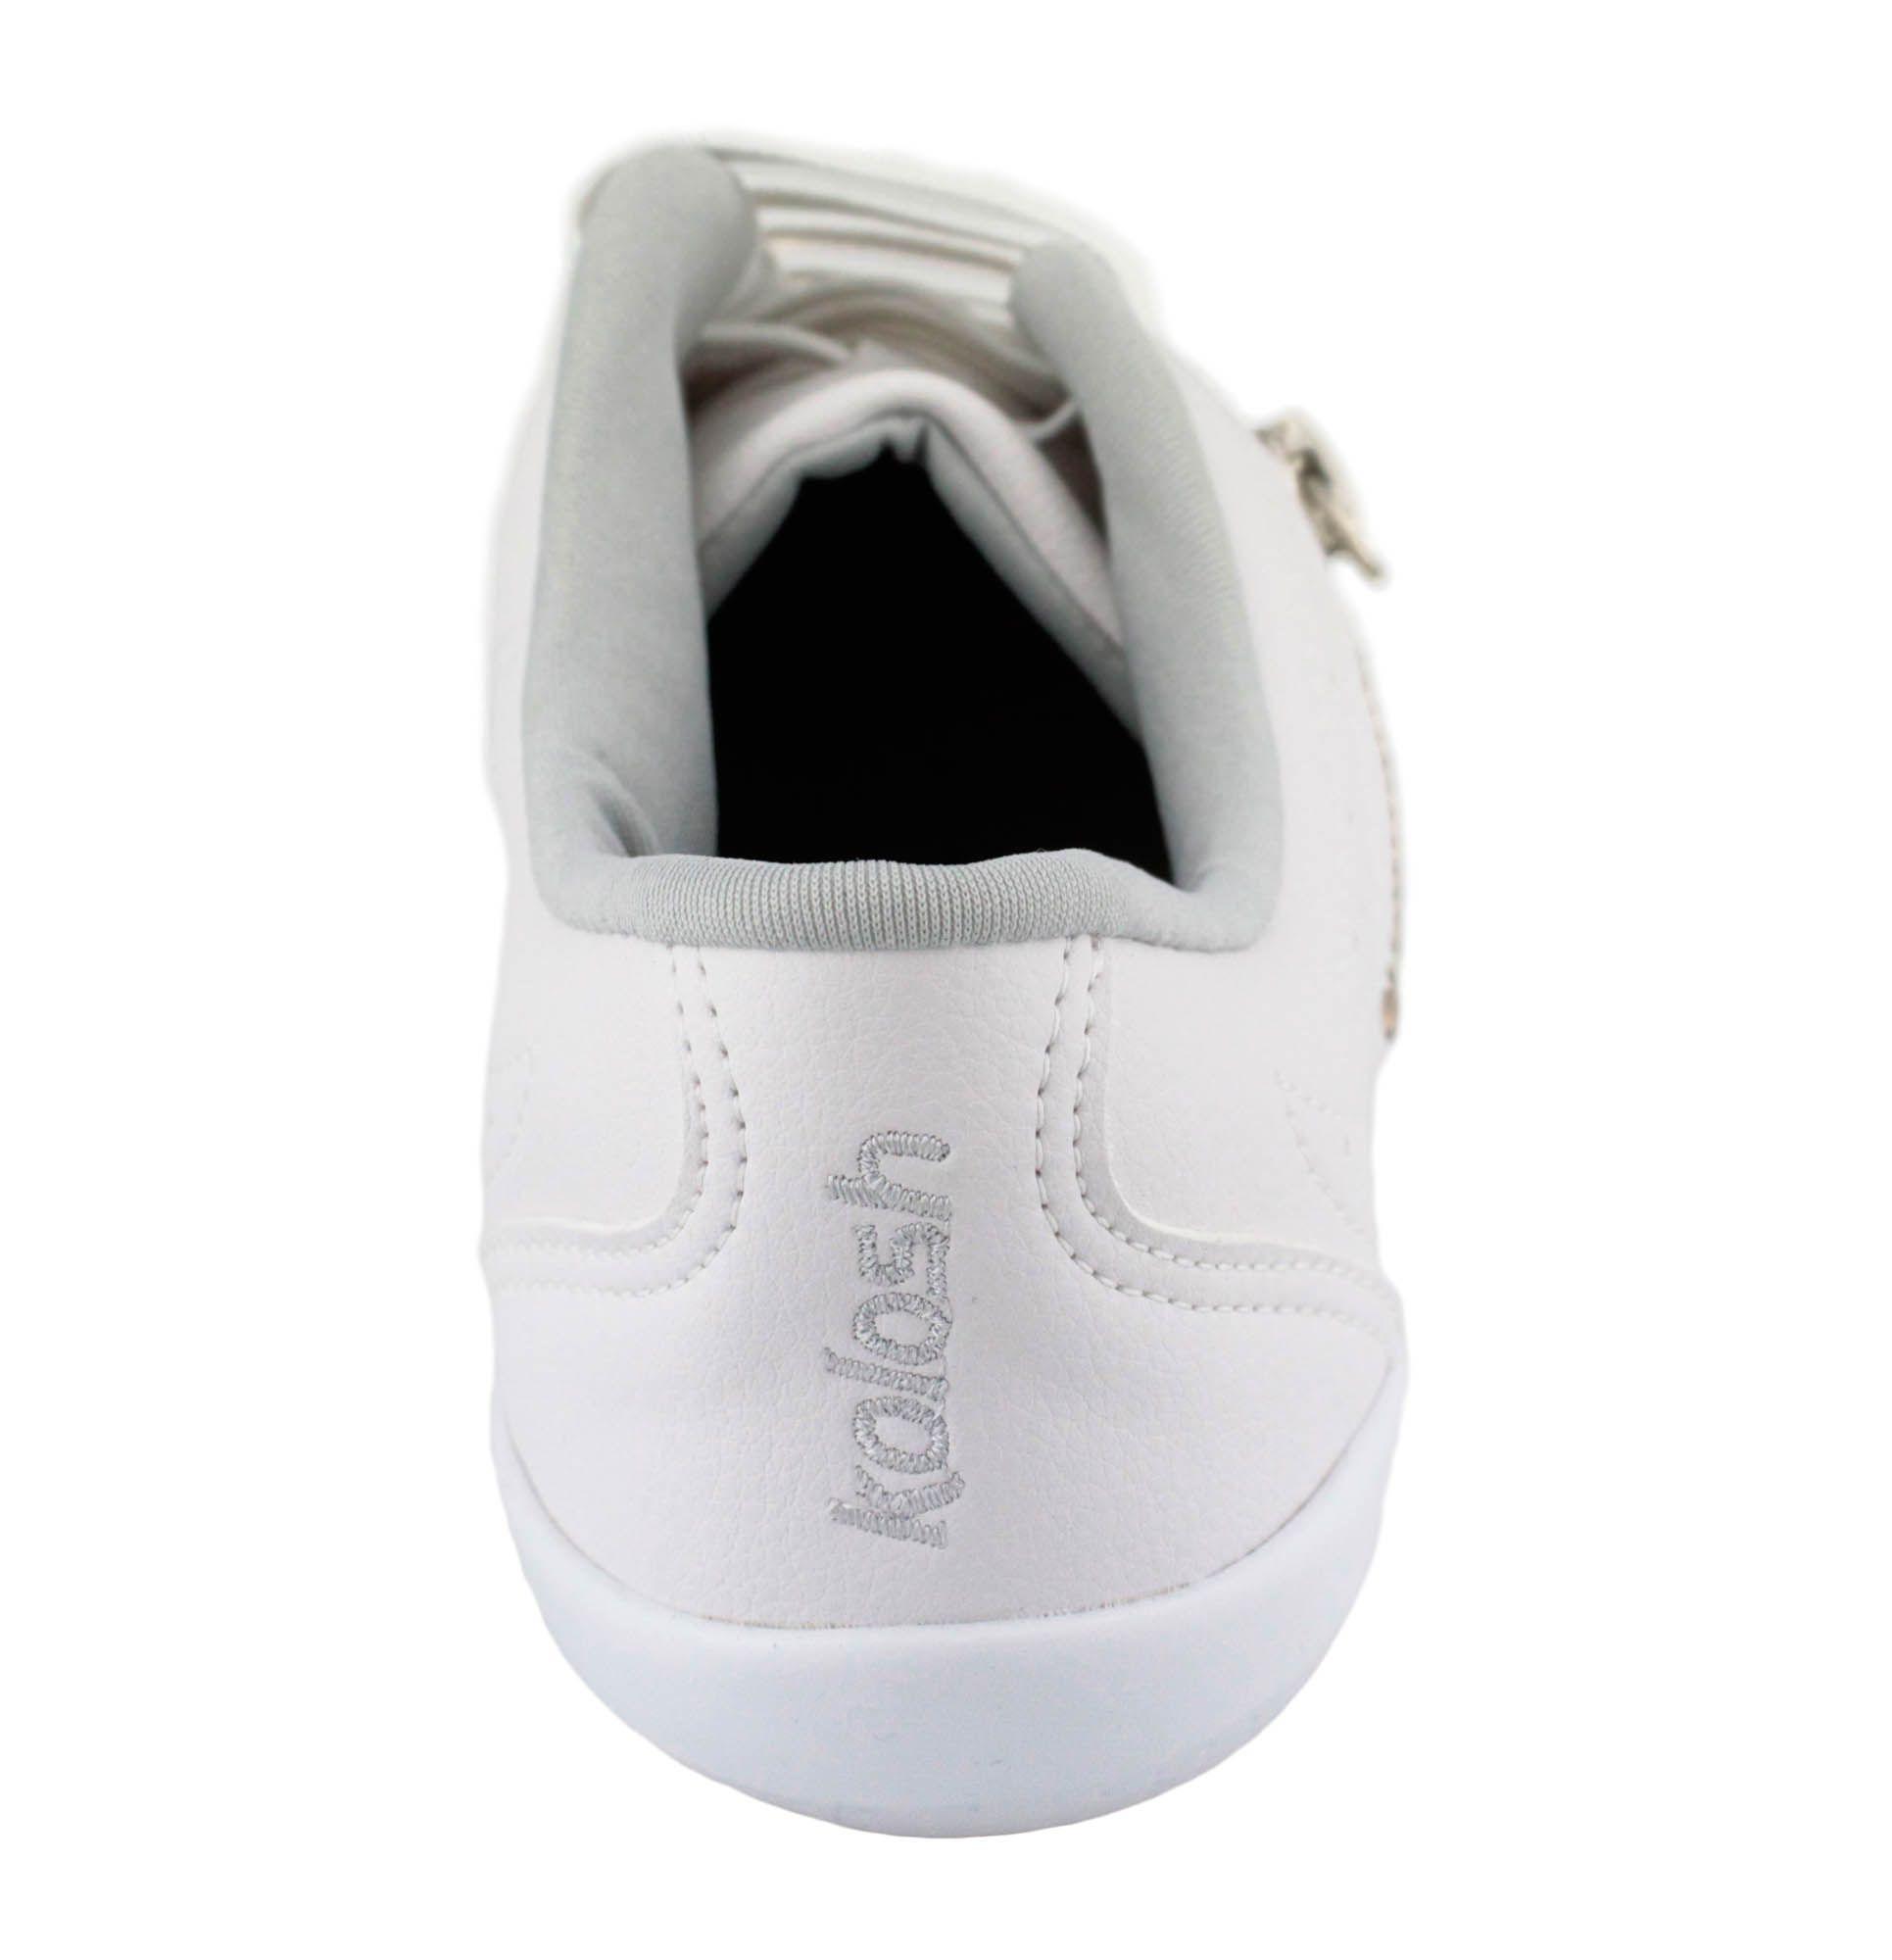 Tênis Kolosh Houston Cadarço Elástico Branco Feminino C0413.